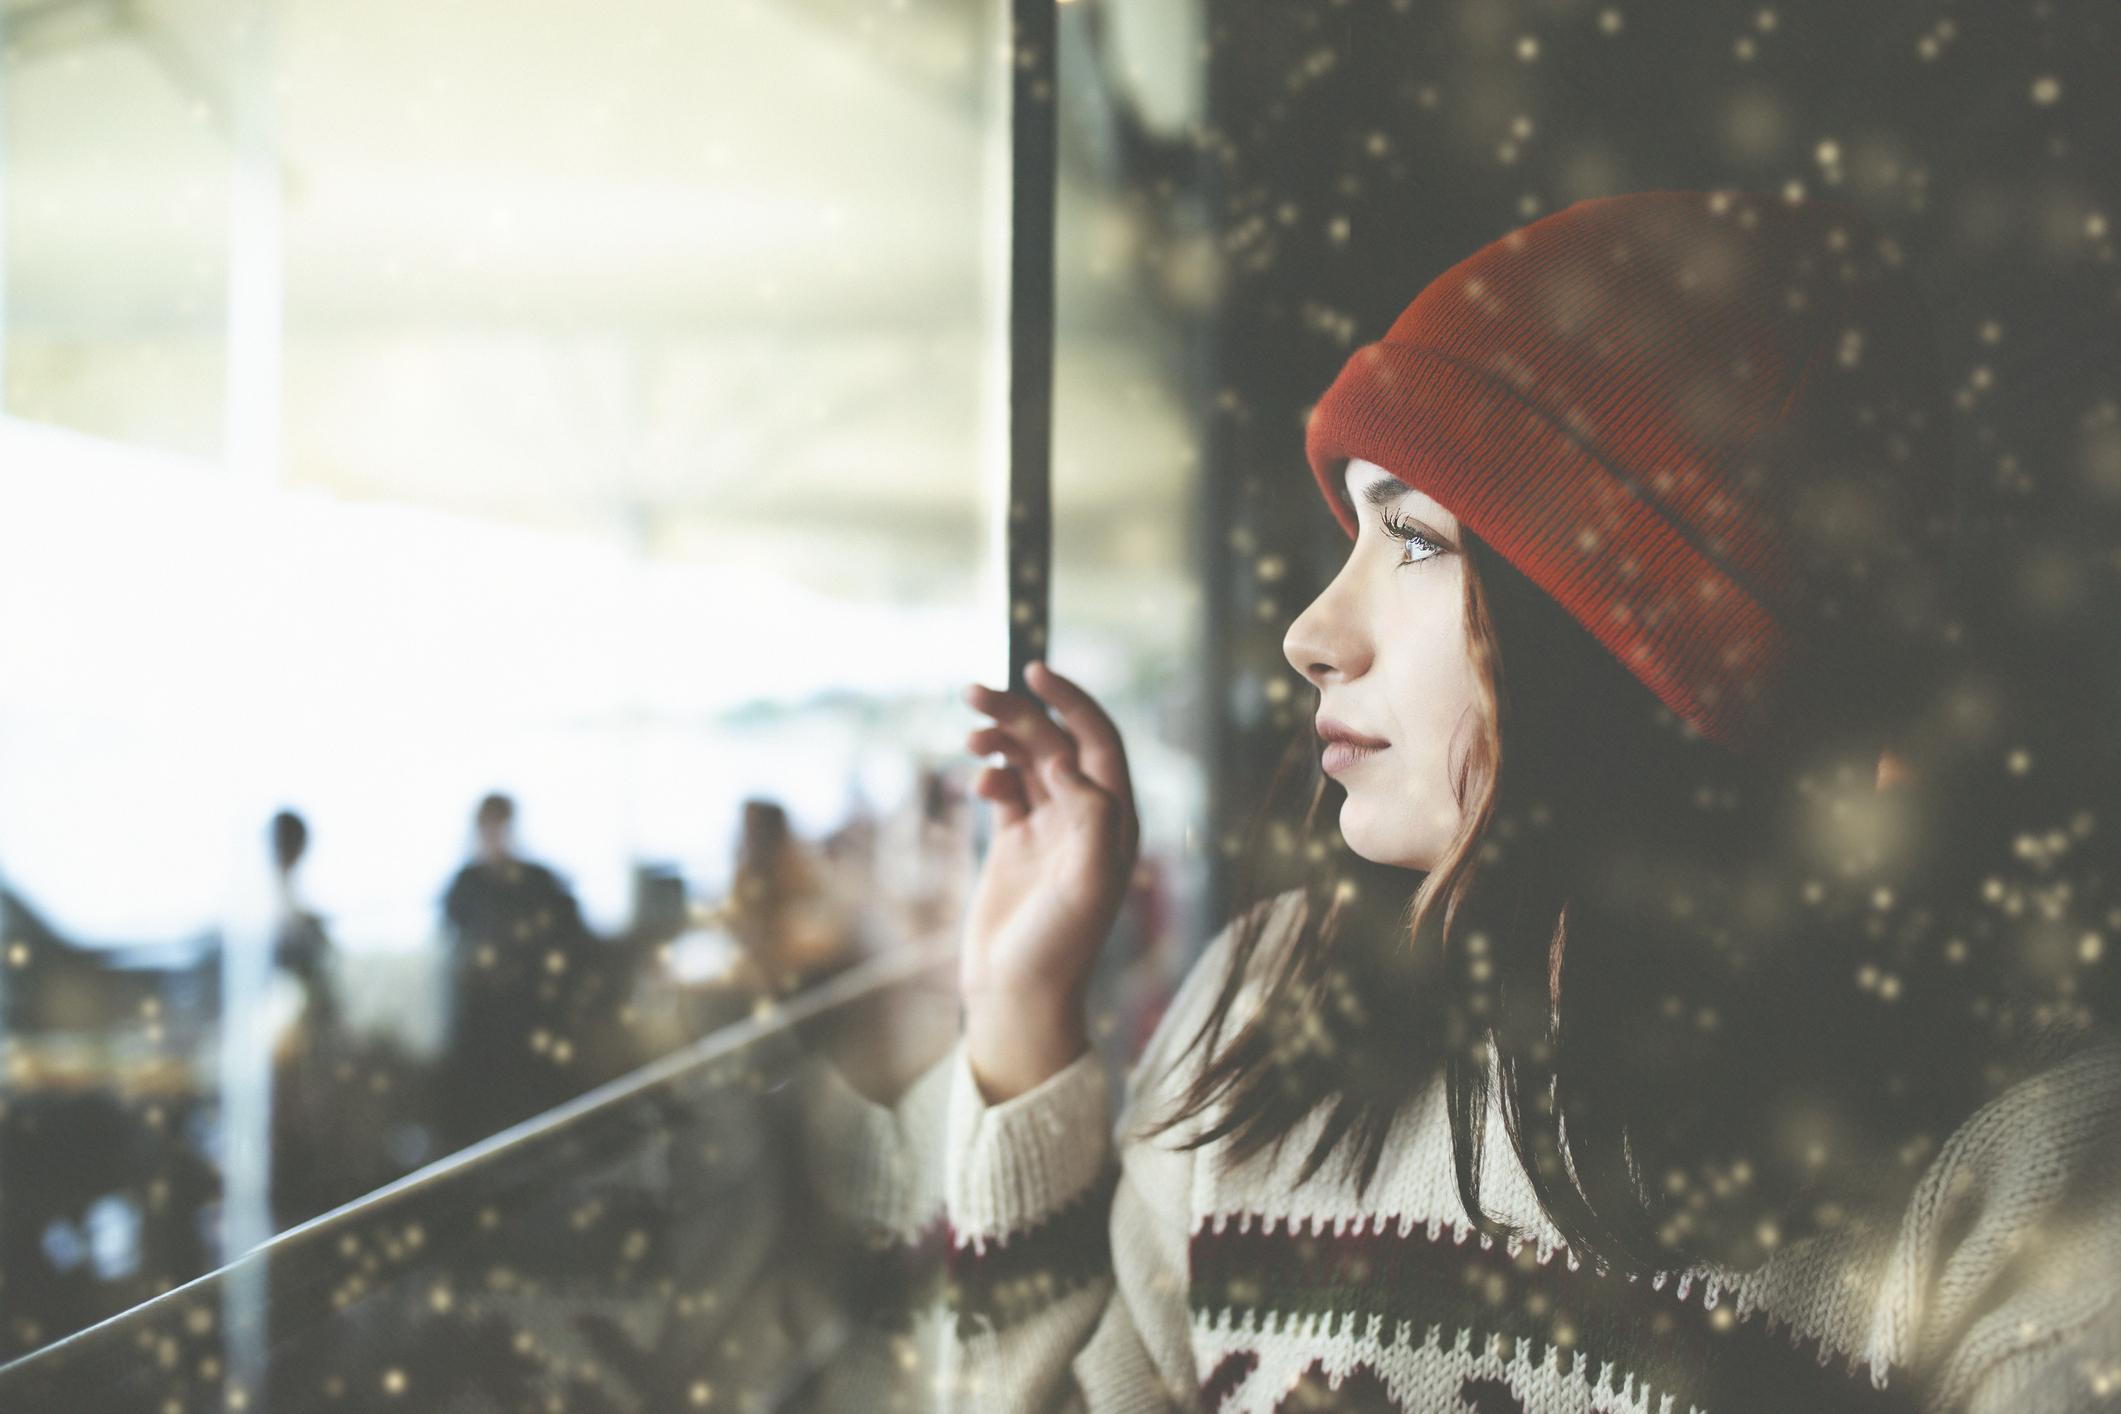 Oni koji su i inače skloni depresiji i tjeskobi, ovo razdoblje mogu teže podnijeti.